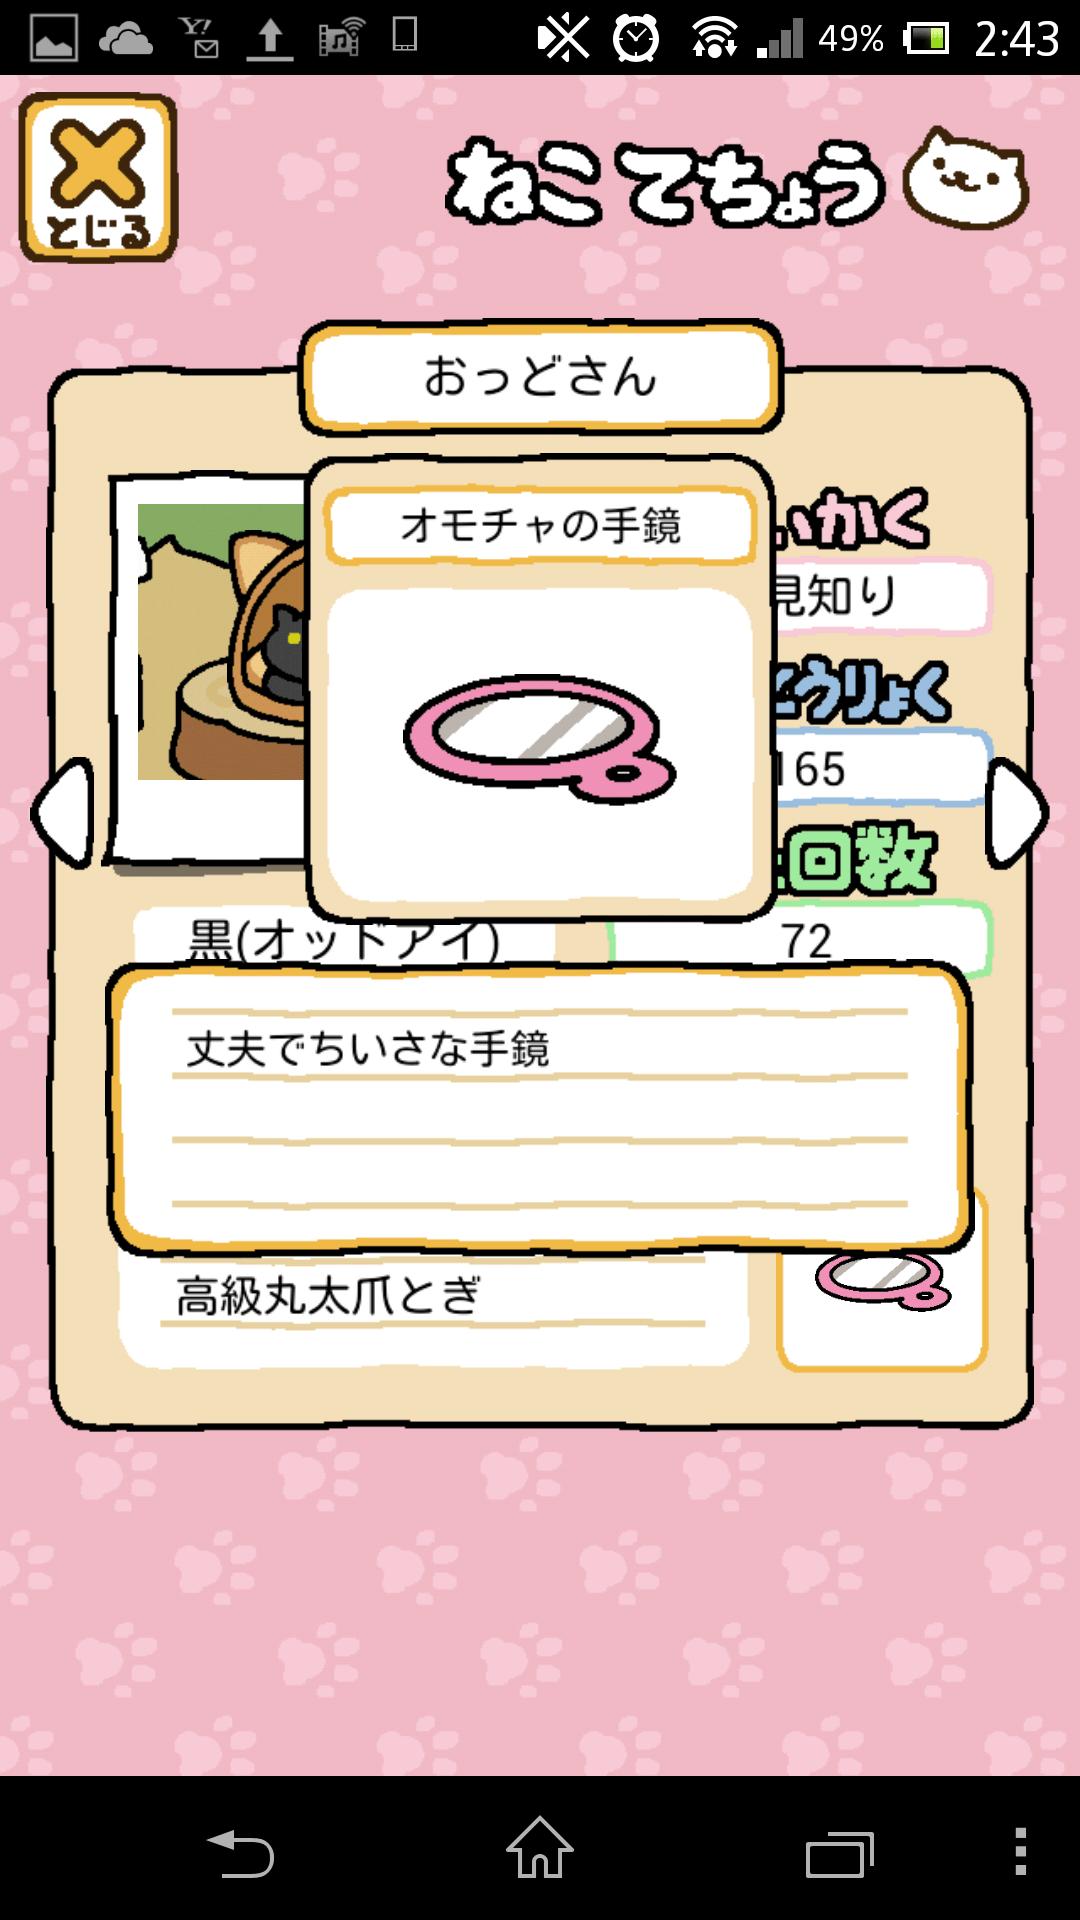 おっど宝物説明.png